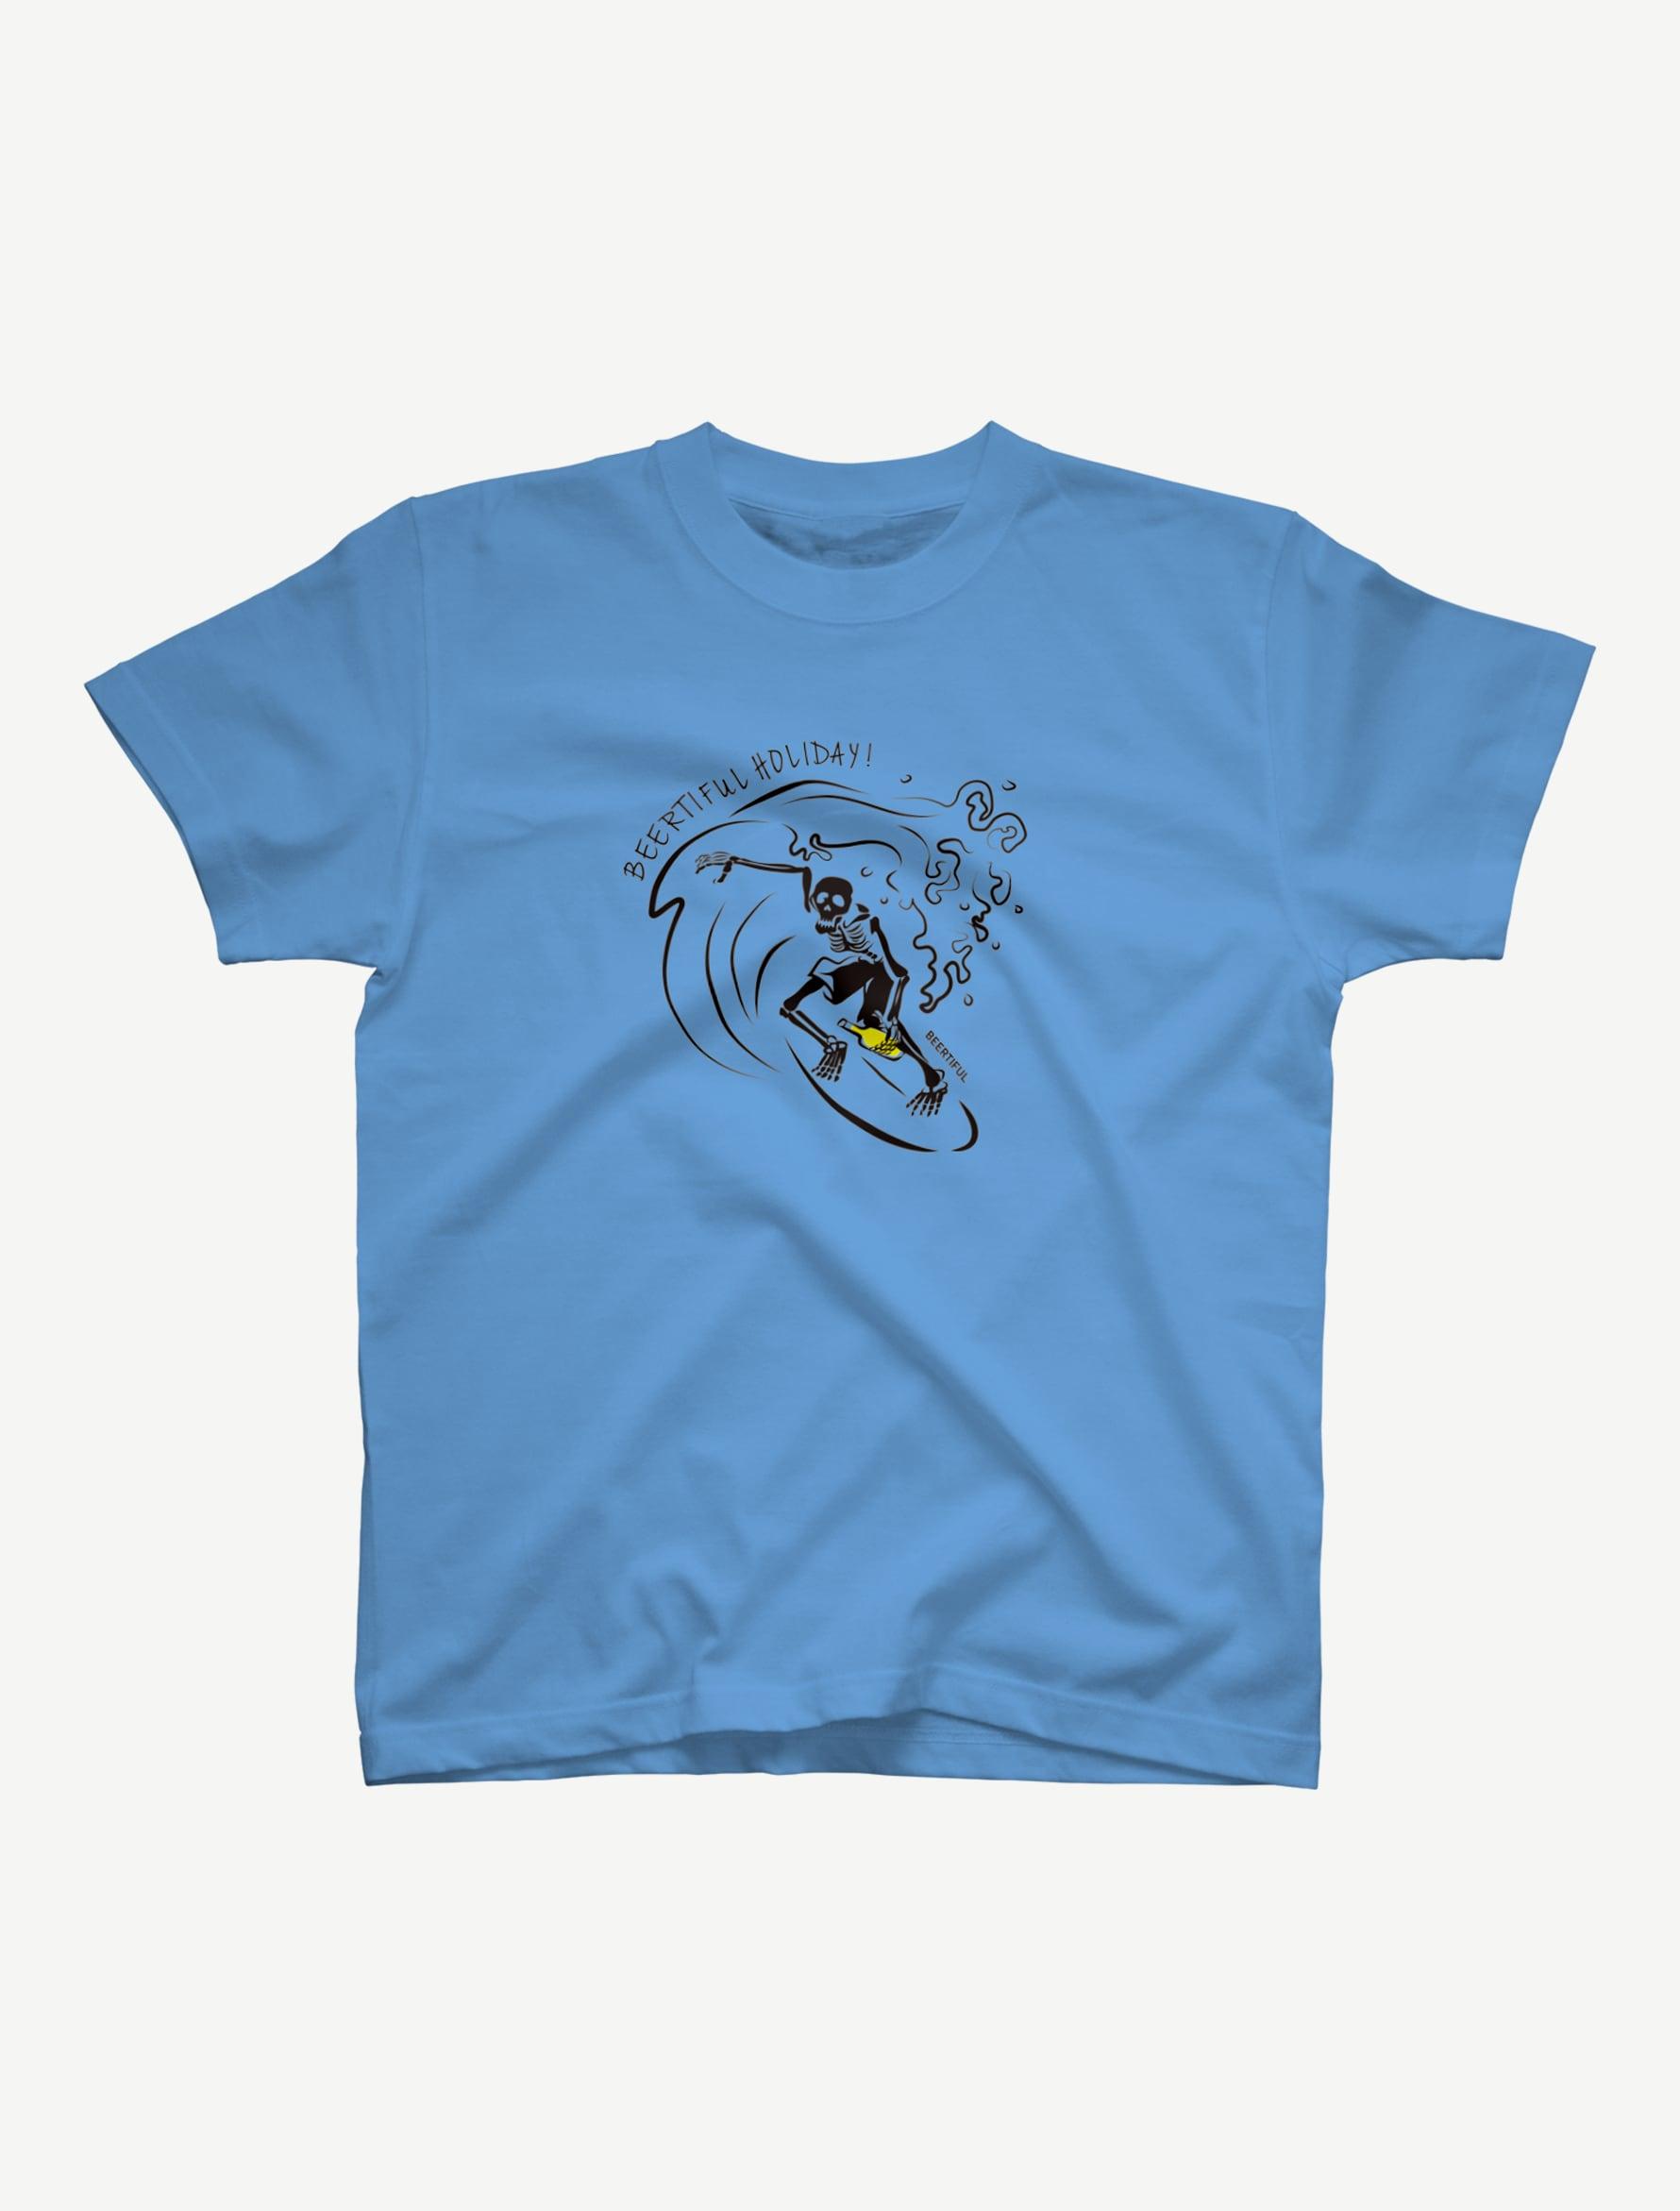 【サーフィンガイコツ】Tシャツ(サックス)